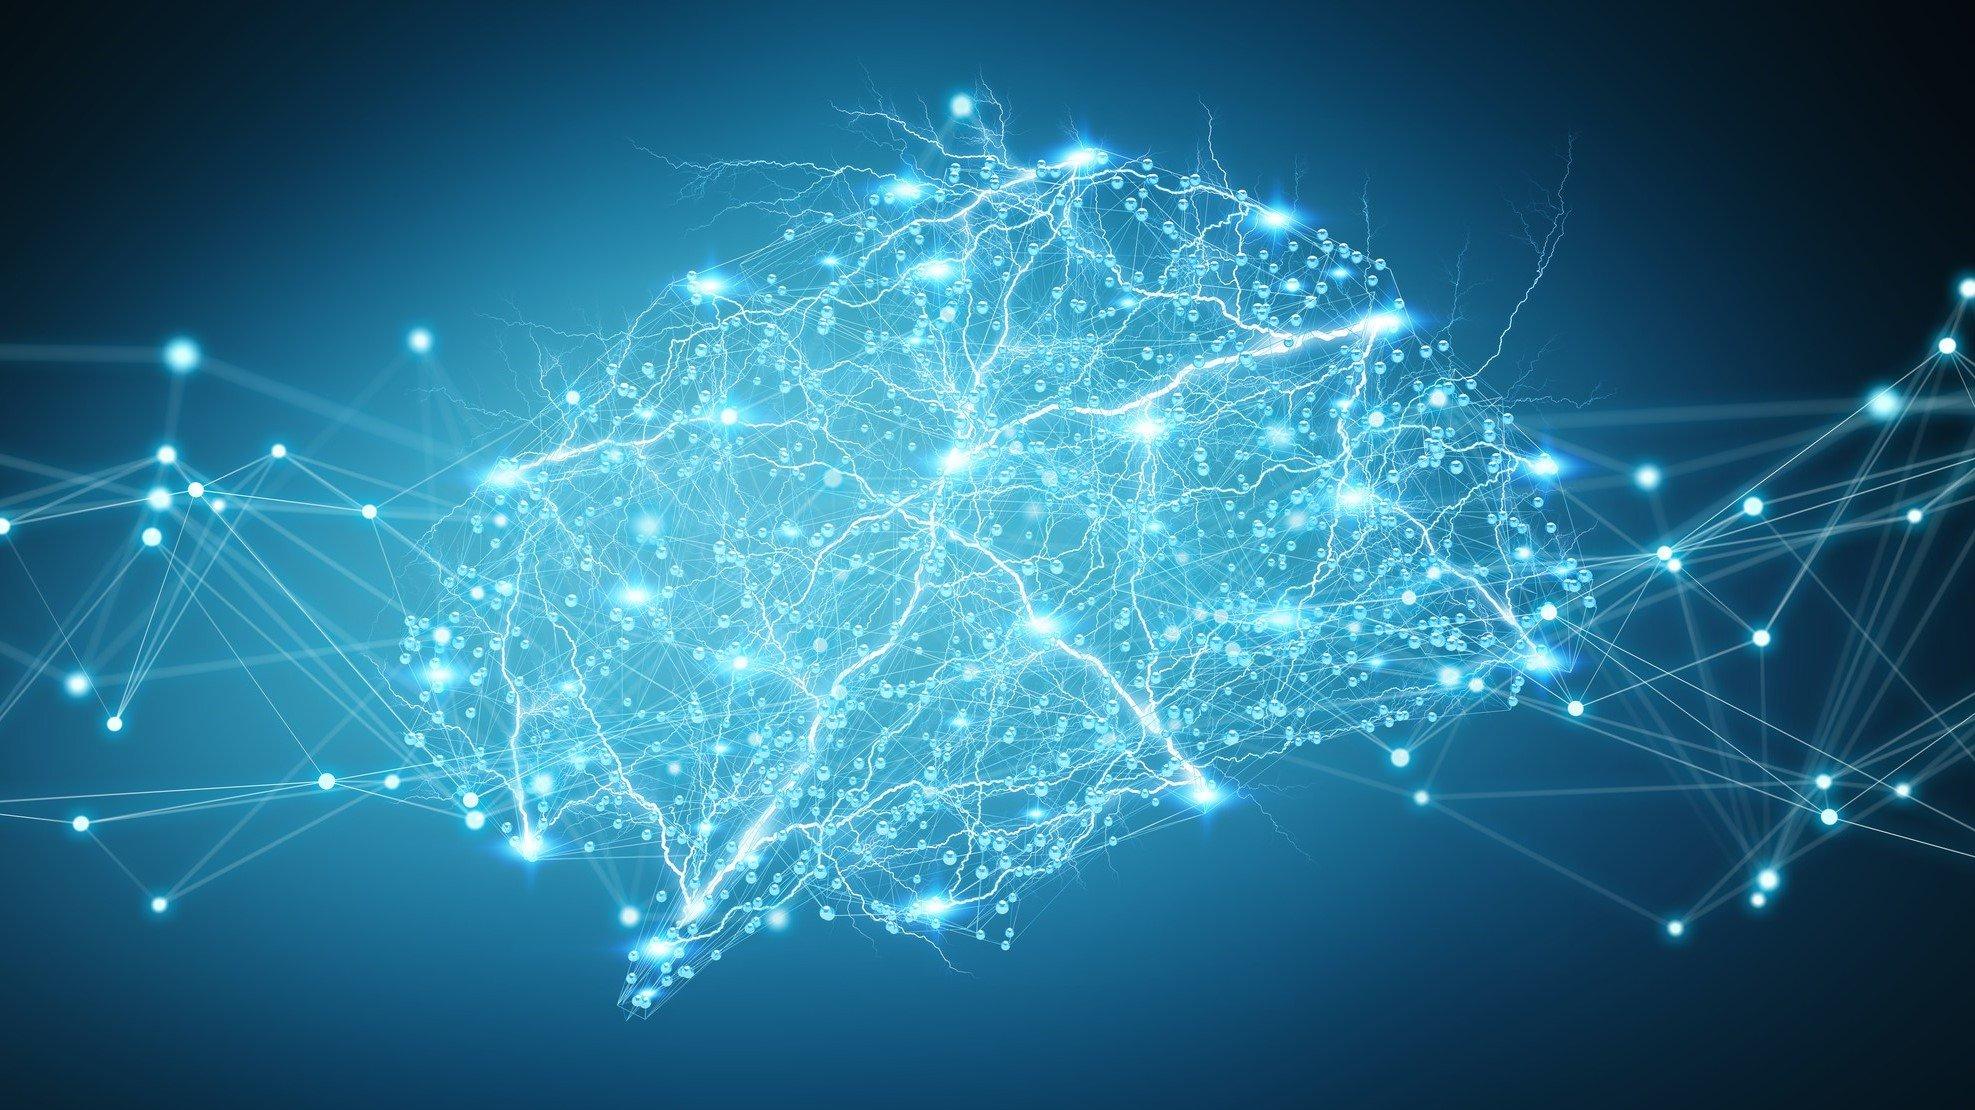 Ilustração digital do custo das redes neurais